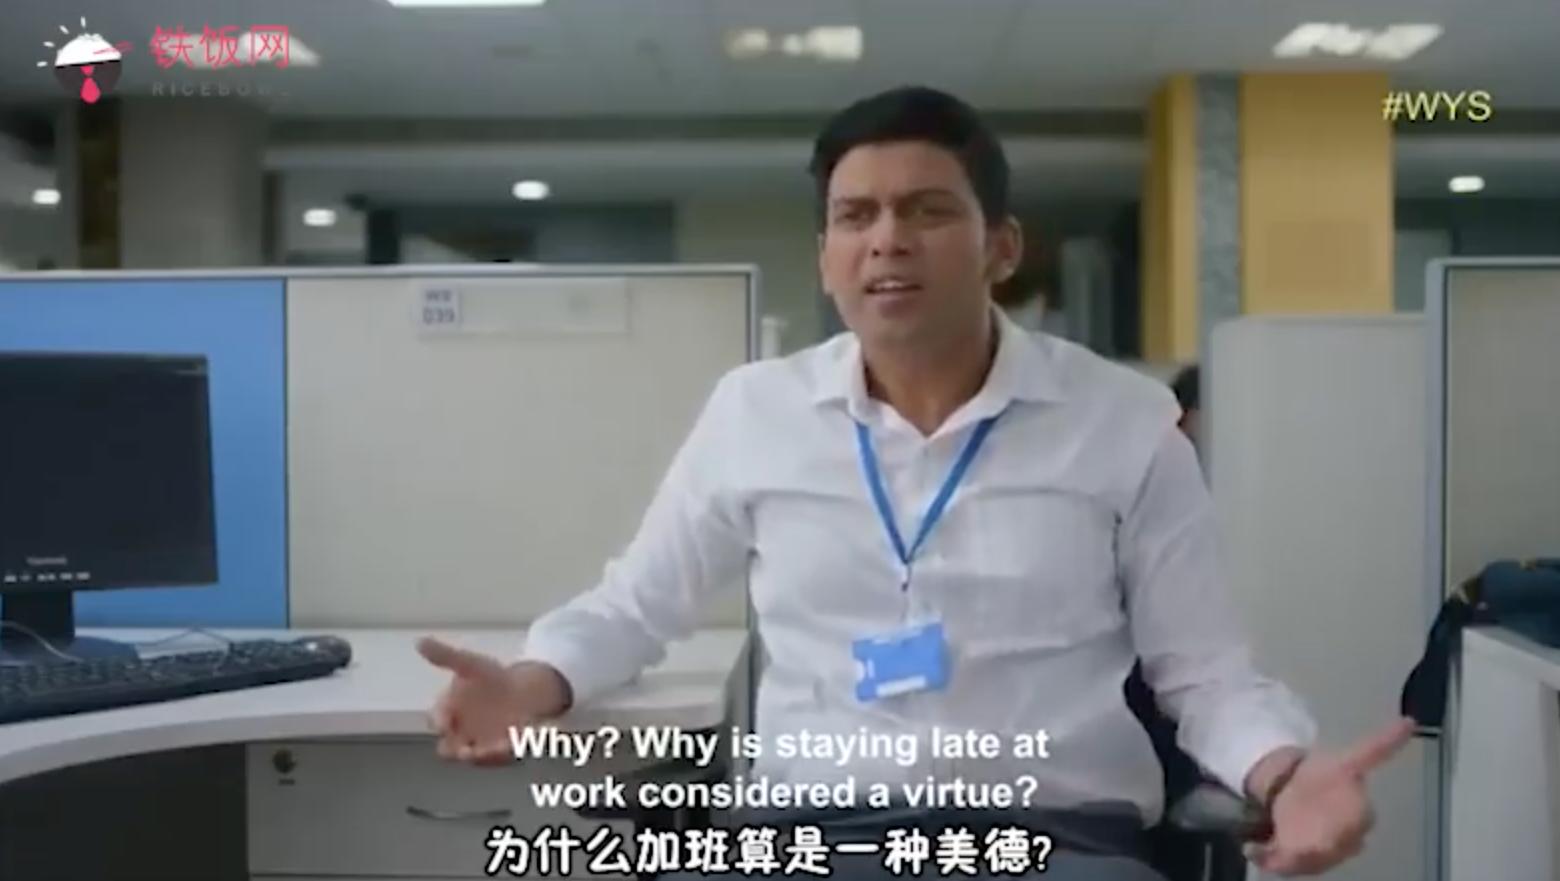 4 7.png - 還在辦公室加班ing?快拿這段影片去打臉老闆...拿回對人生的主控權阿!